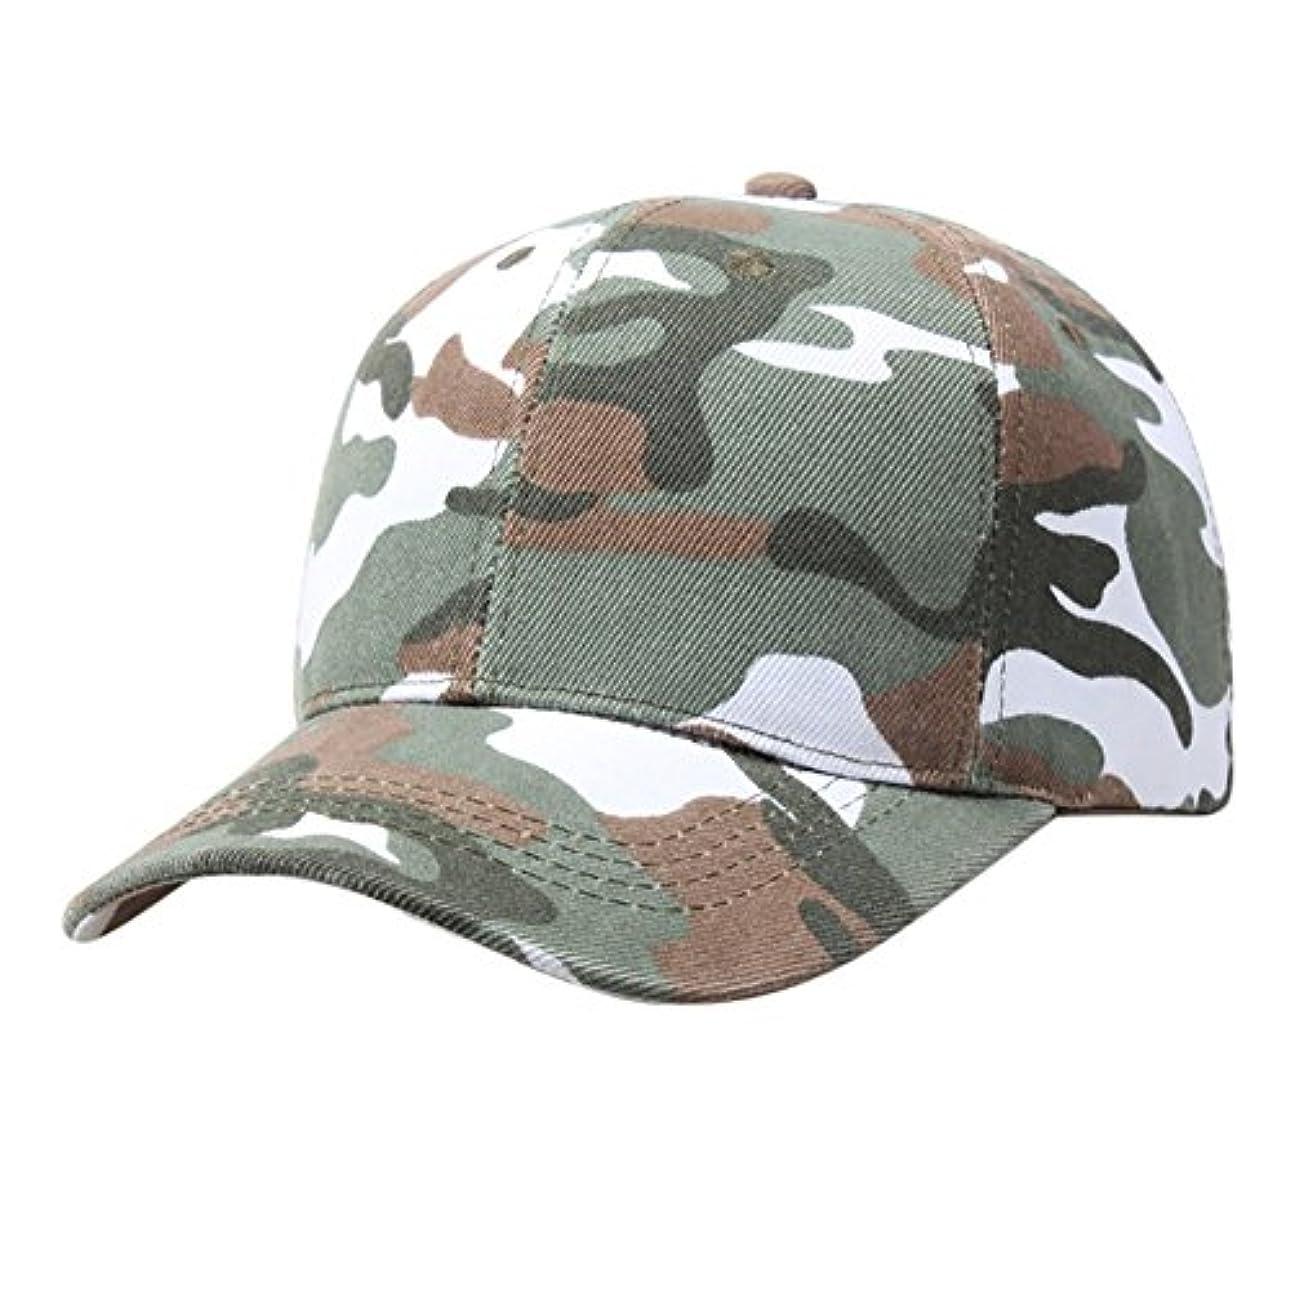 先天国隠Racazing Cap 迷彩 野球帽 軍用 通気性のある ヒップホップ 帽子 夏 登山 緑 可調整可能 棒球帽 男女兼用 UV 帽子 軽量 屋外 カモフラージュ Unisex Cap (緑)